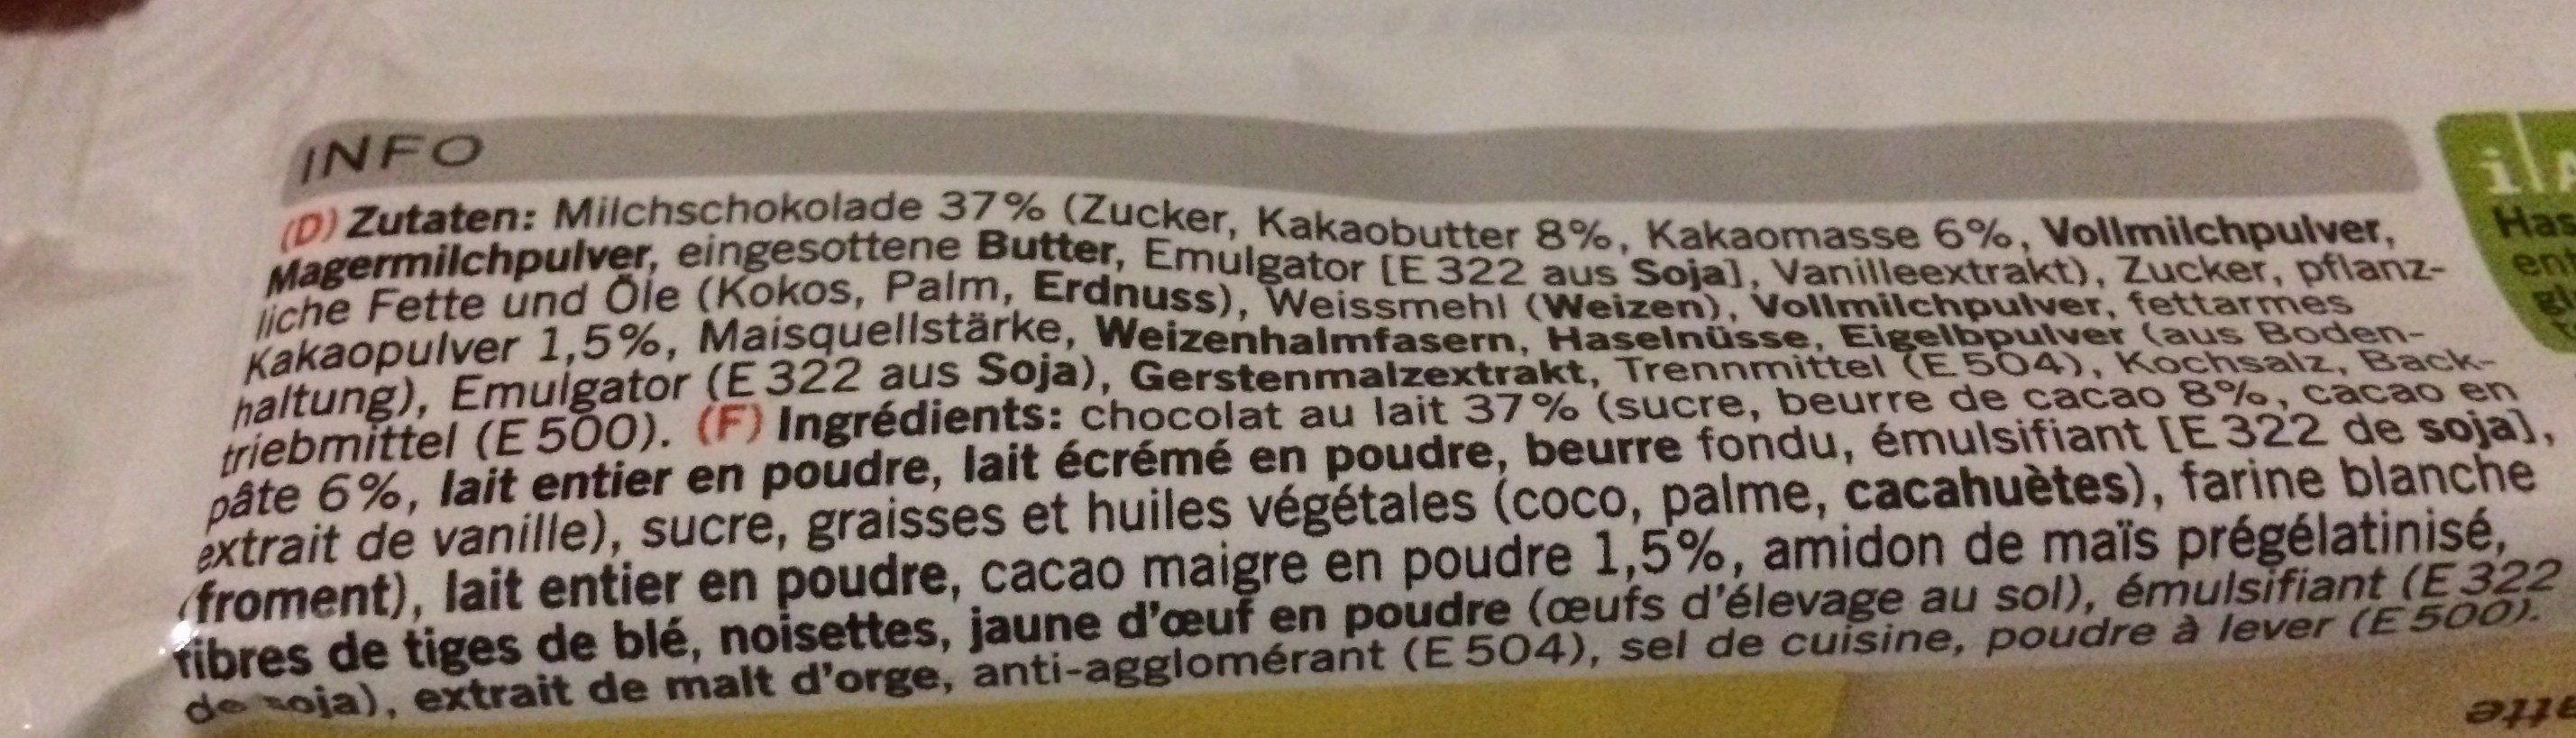 Gaufrettes enrobées de chocolat au lait - Ingredients - fr